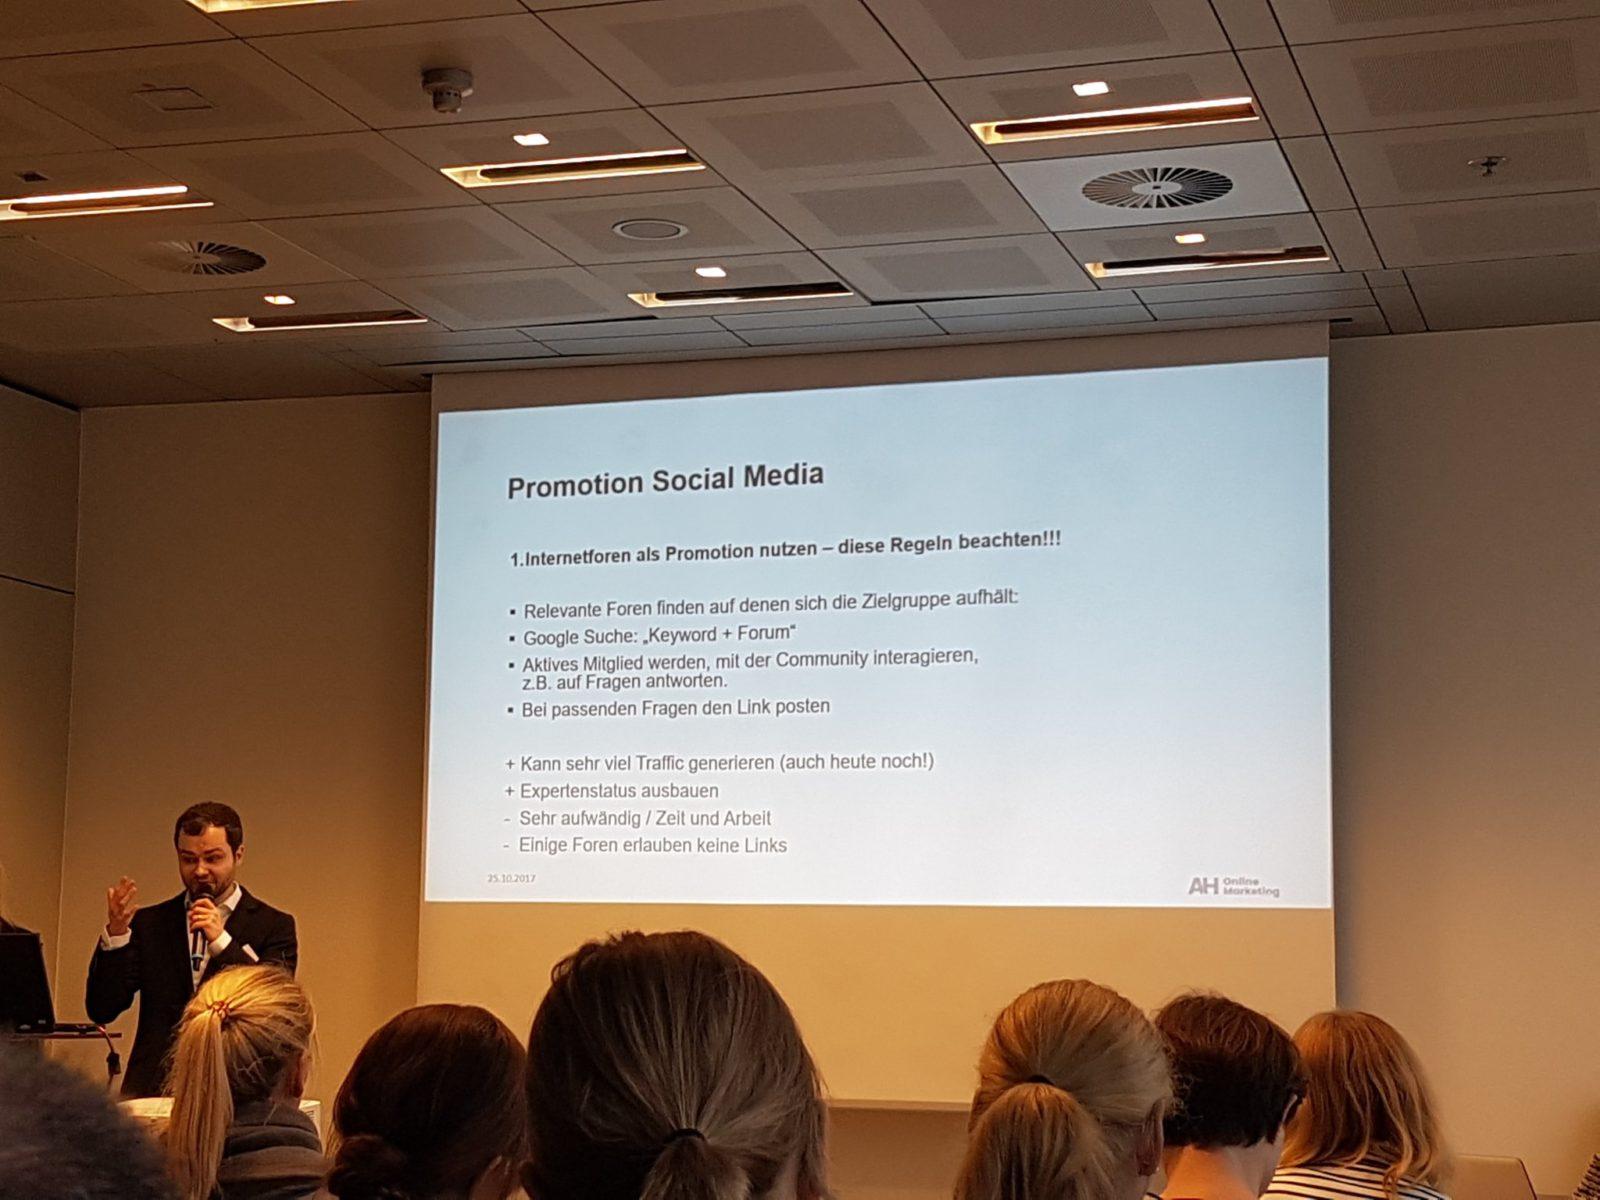 DM RVhoWkAEBMrs.jpg large 1600x1200 - Recap zur Content World in Hamburg am 25.10.2017